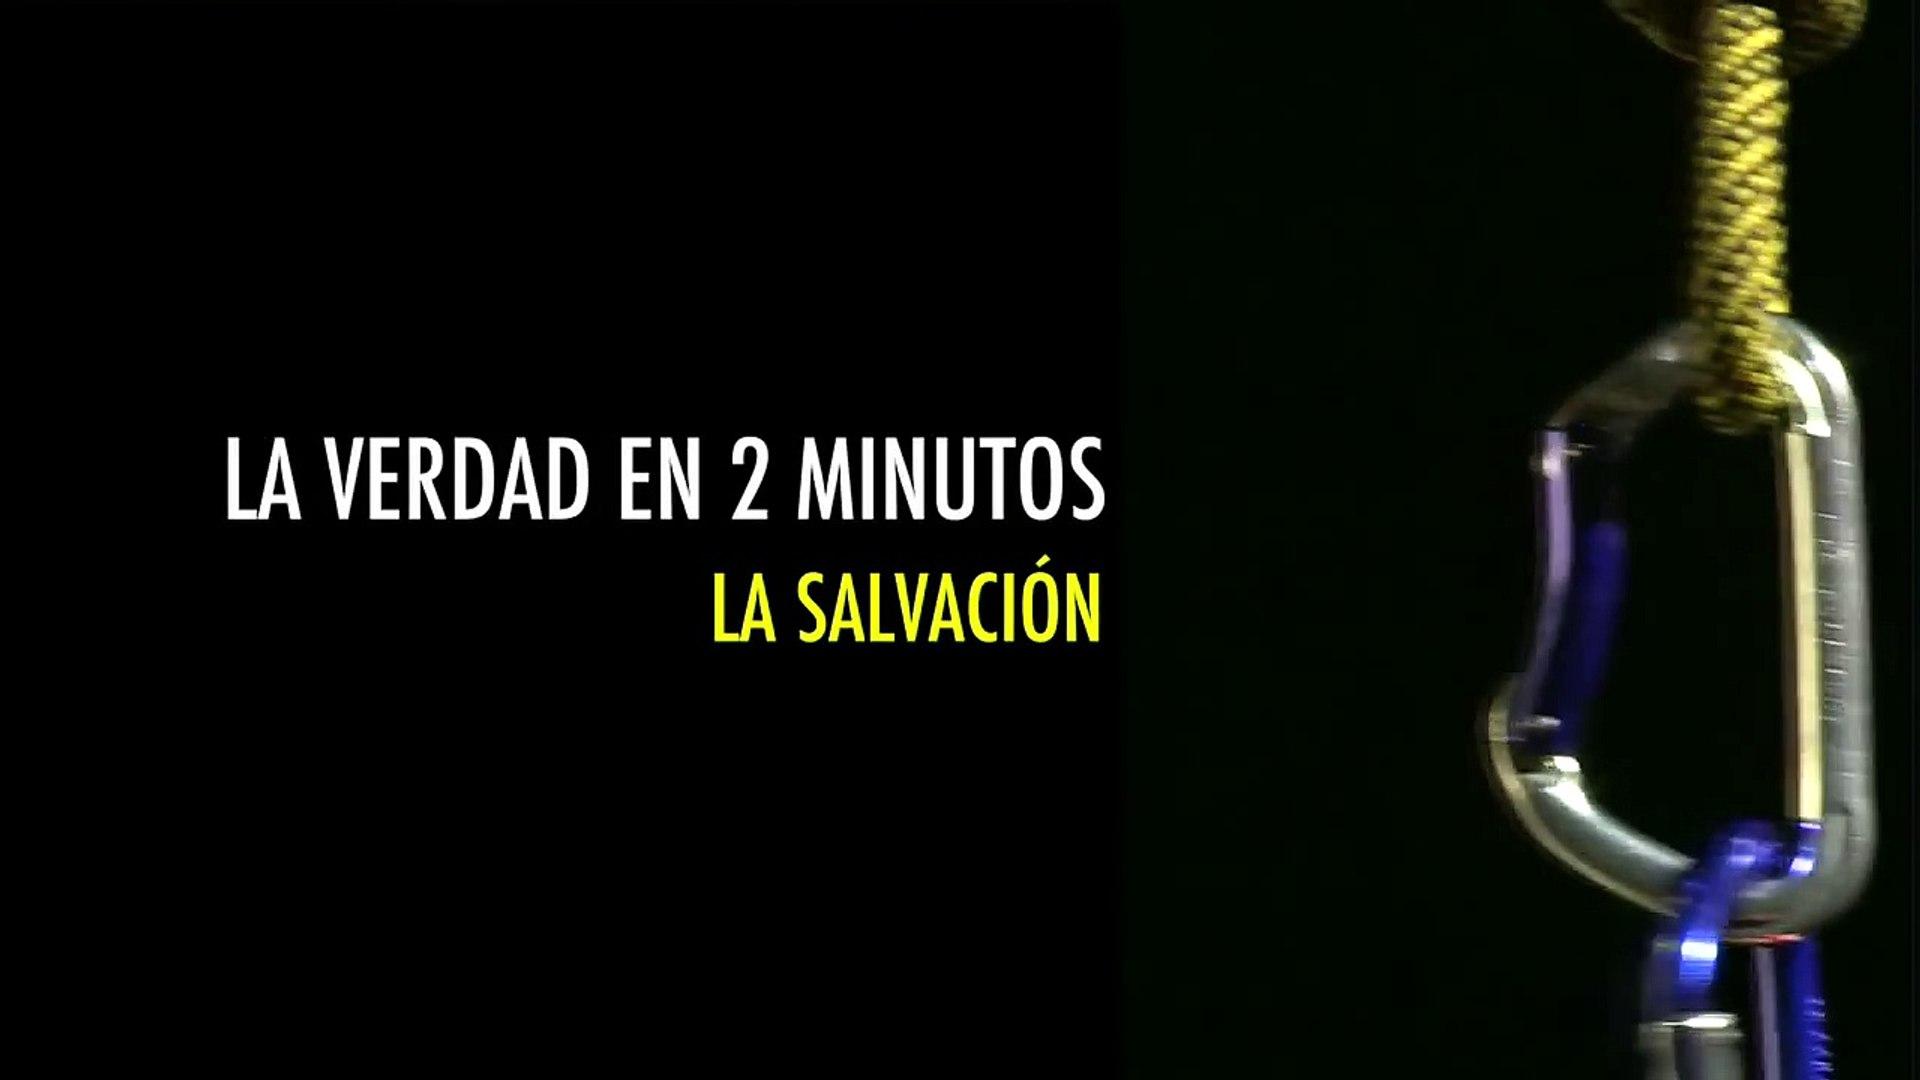 La salvación - La verdad en 2 minutos